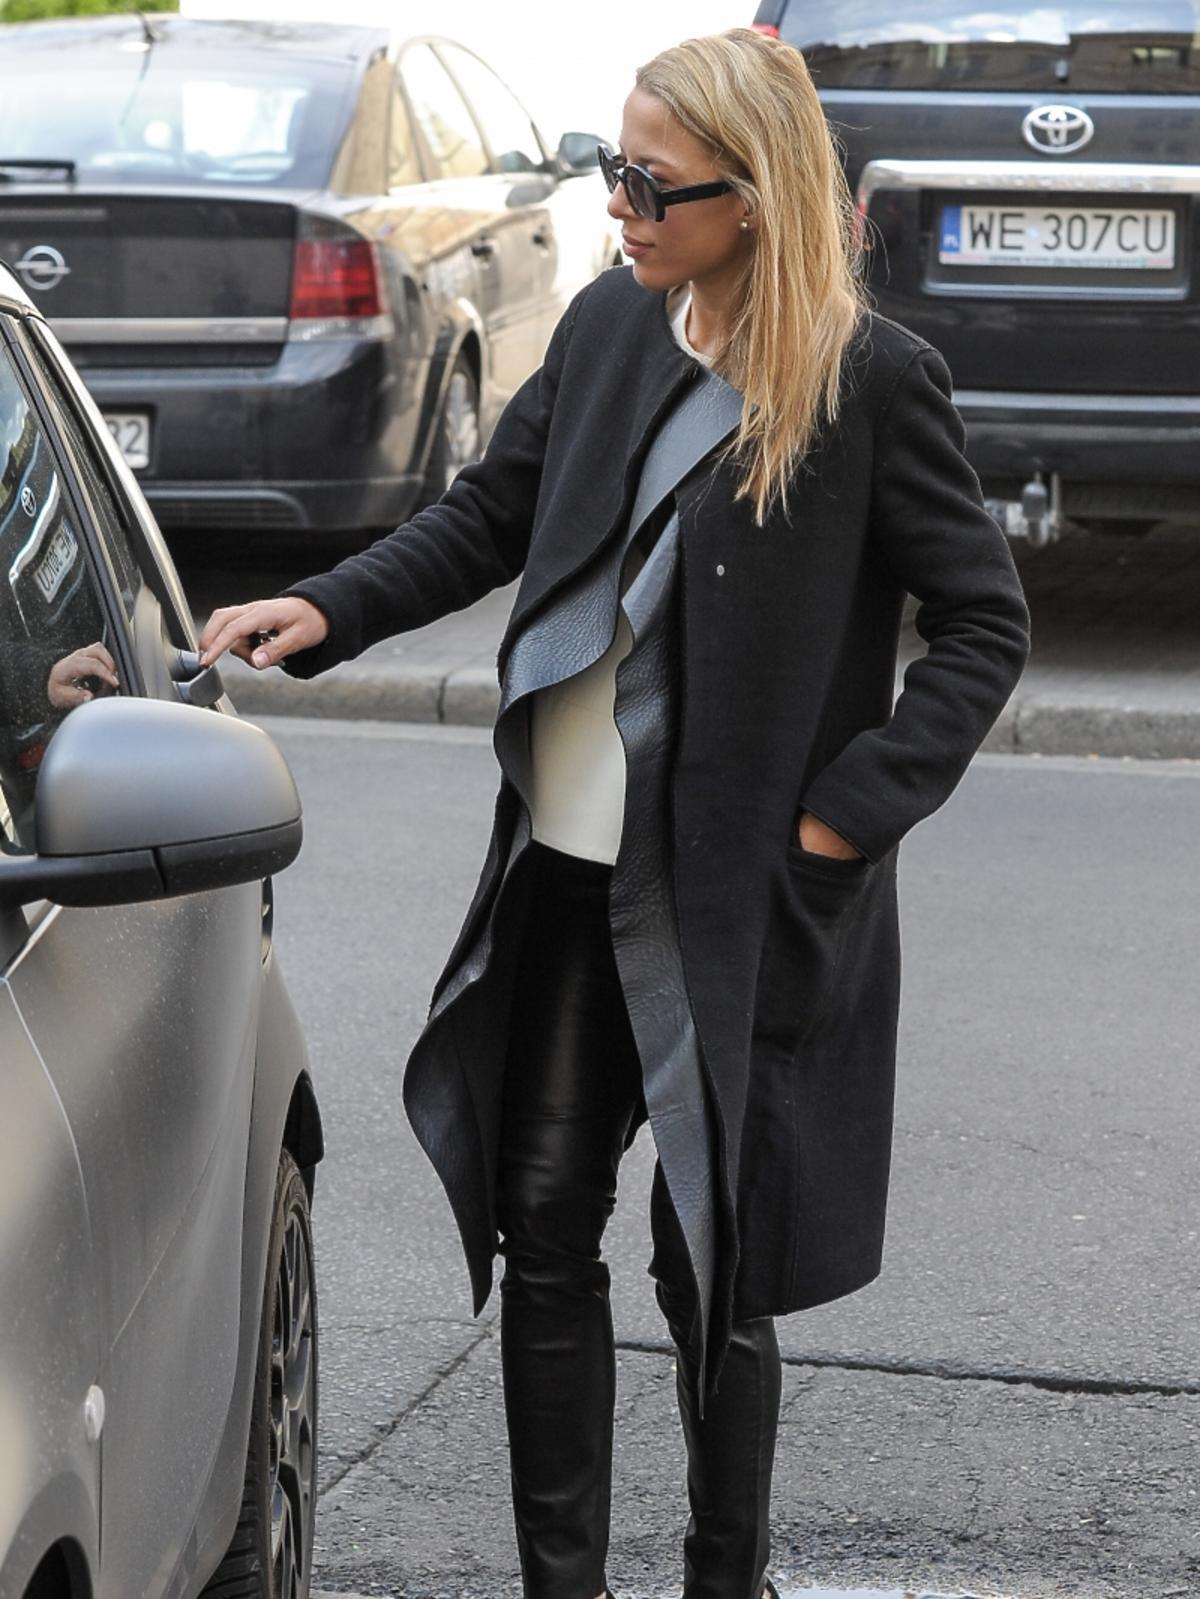 Ewa Chodakowska wsiada so samochodu